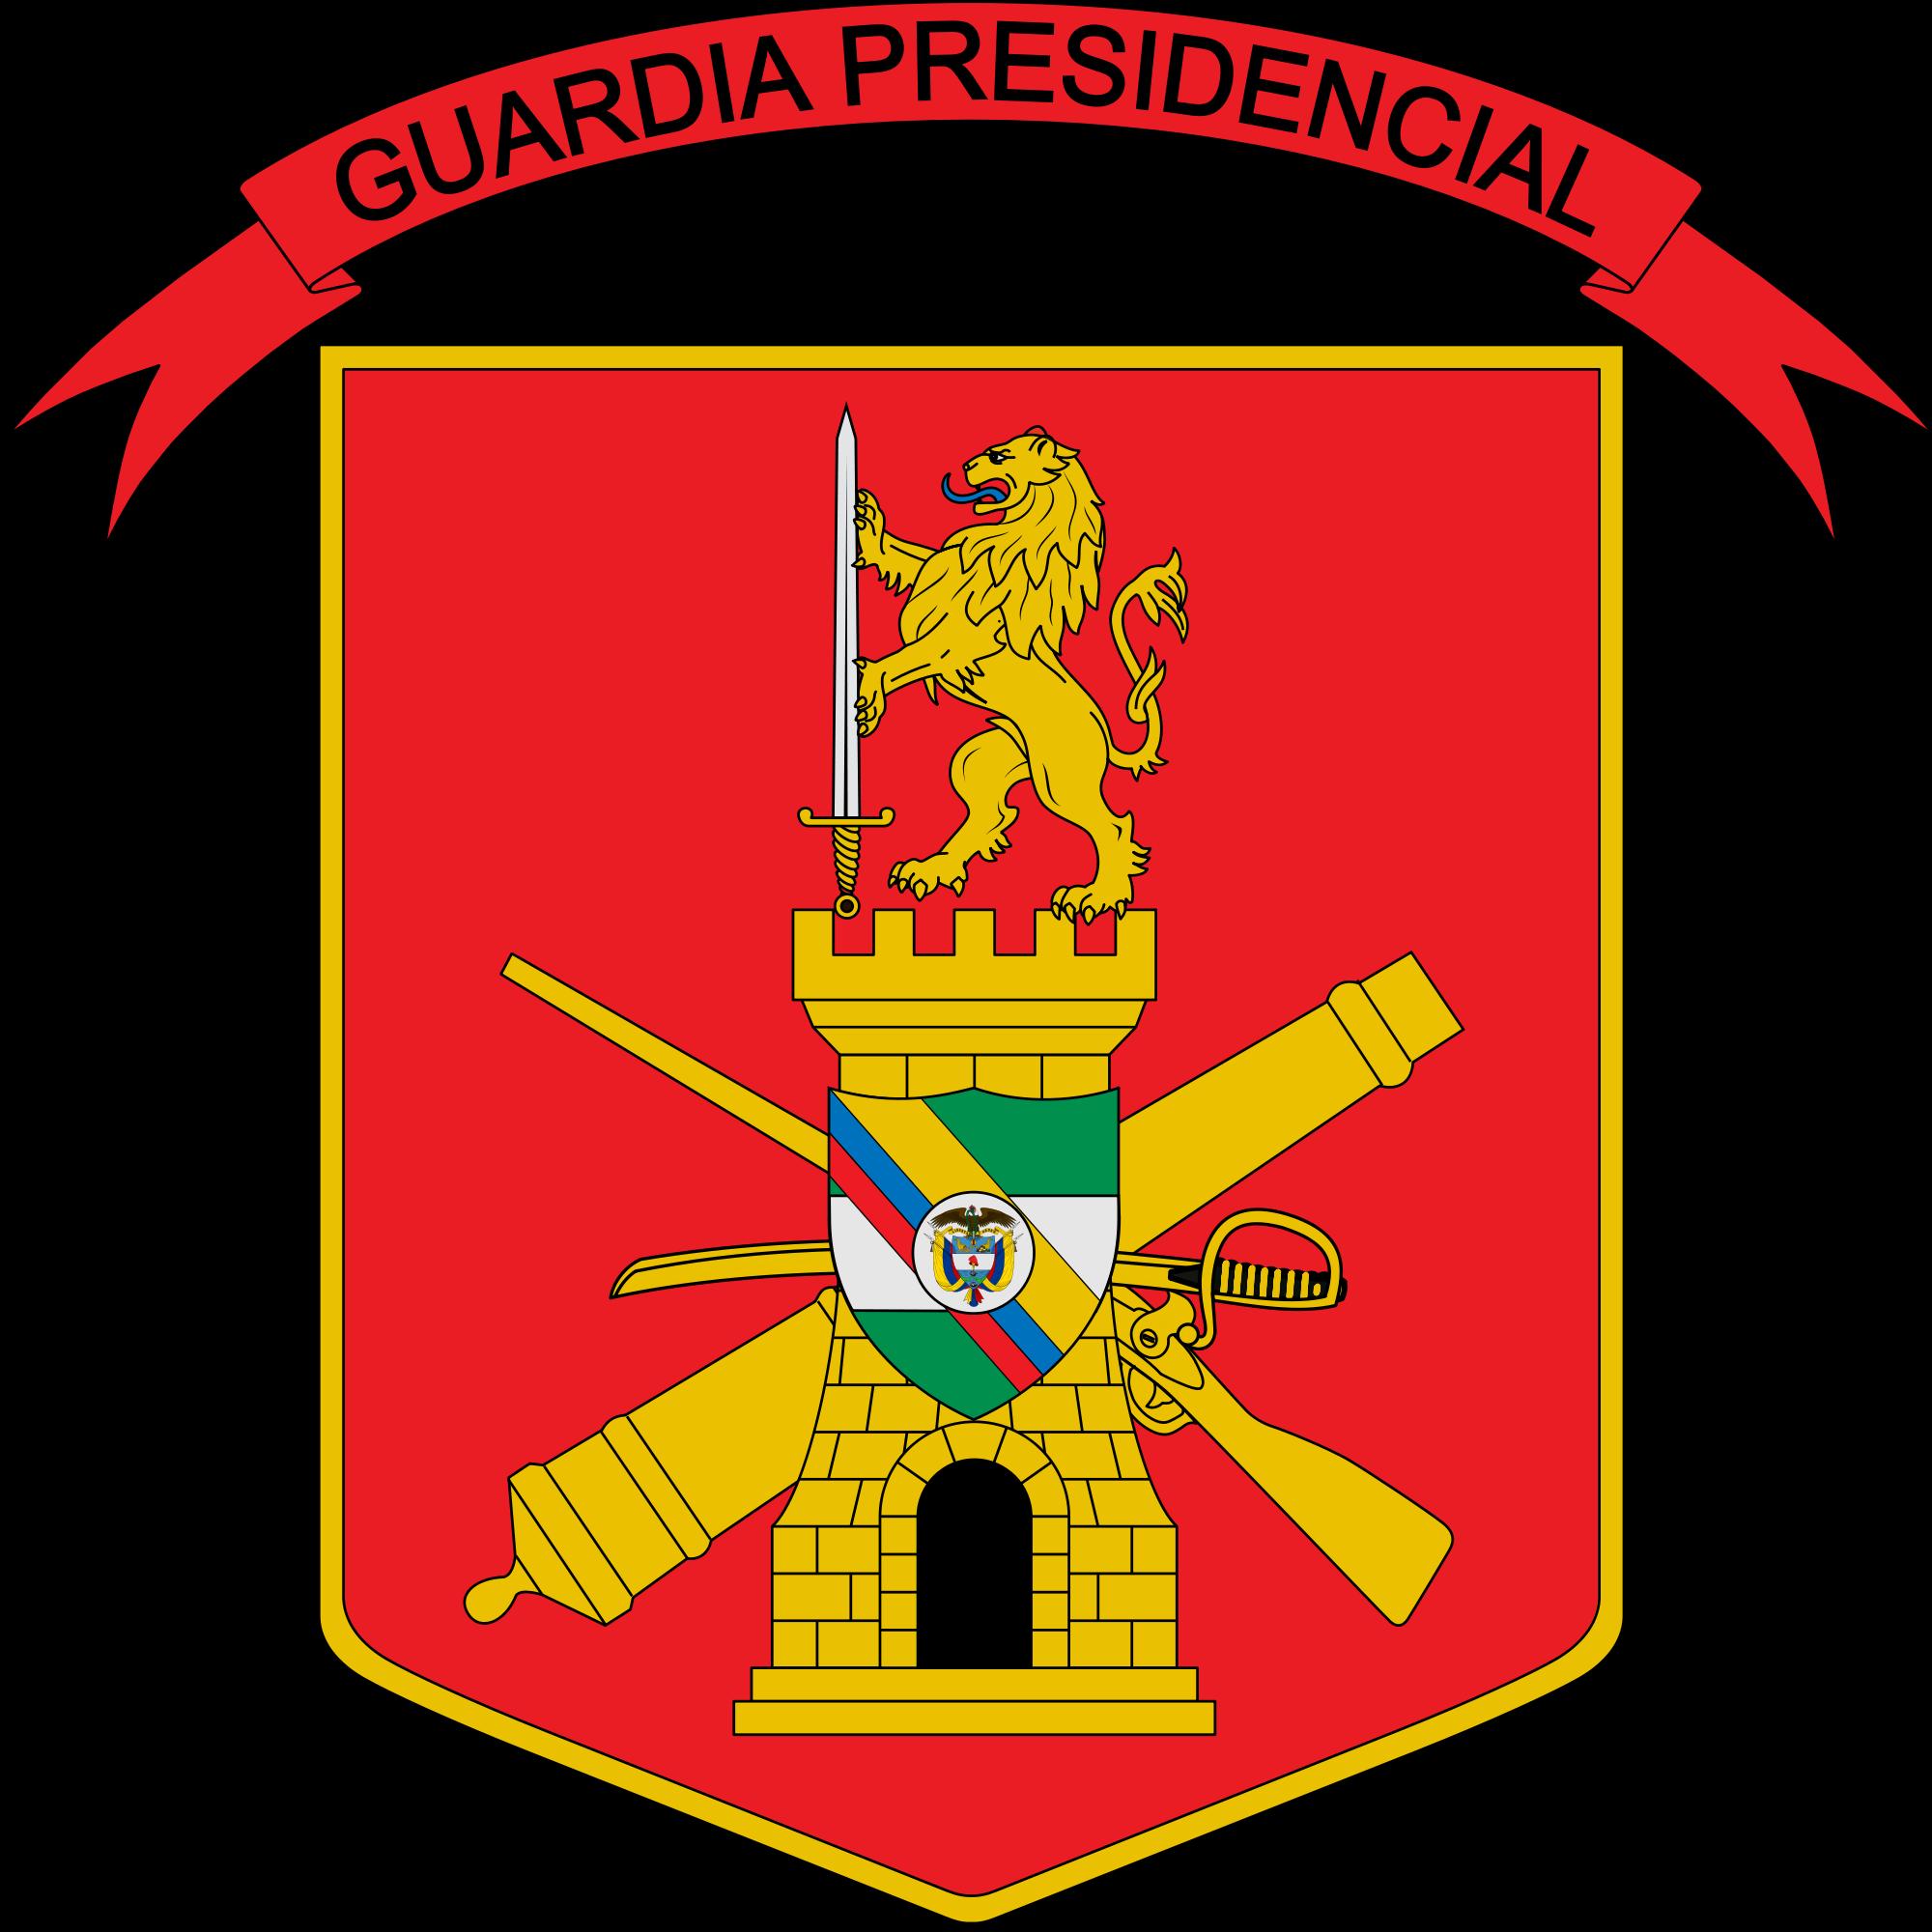 Batallon Guardia Presidencial Colombia   Hobbies y Entretenimiento ...